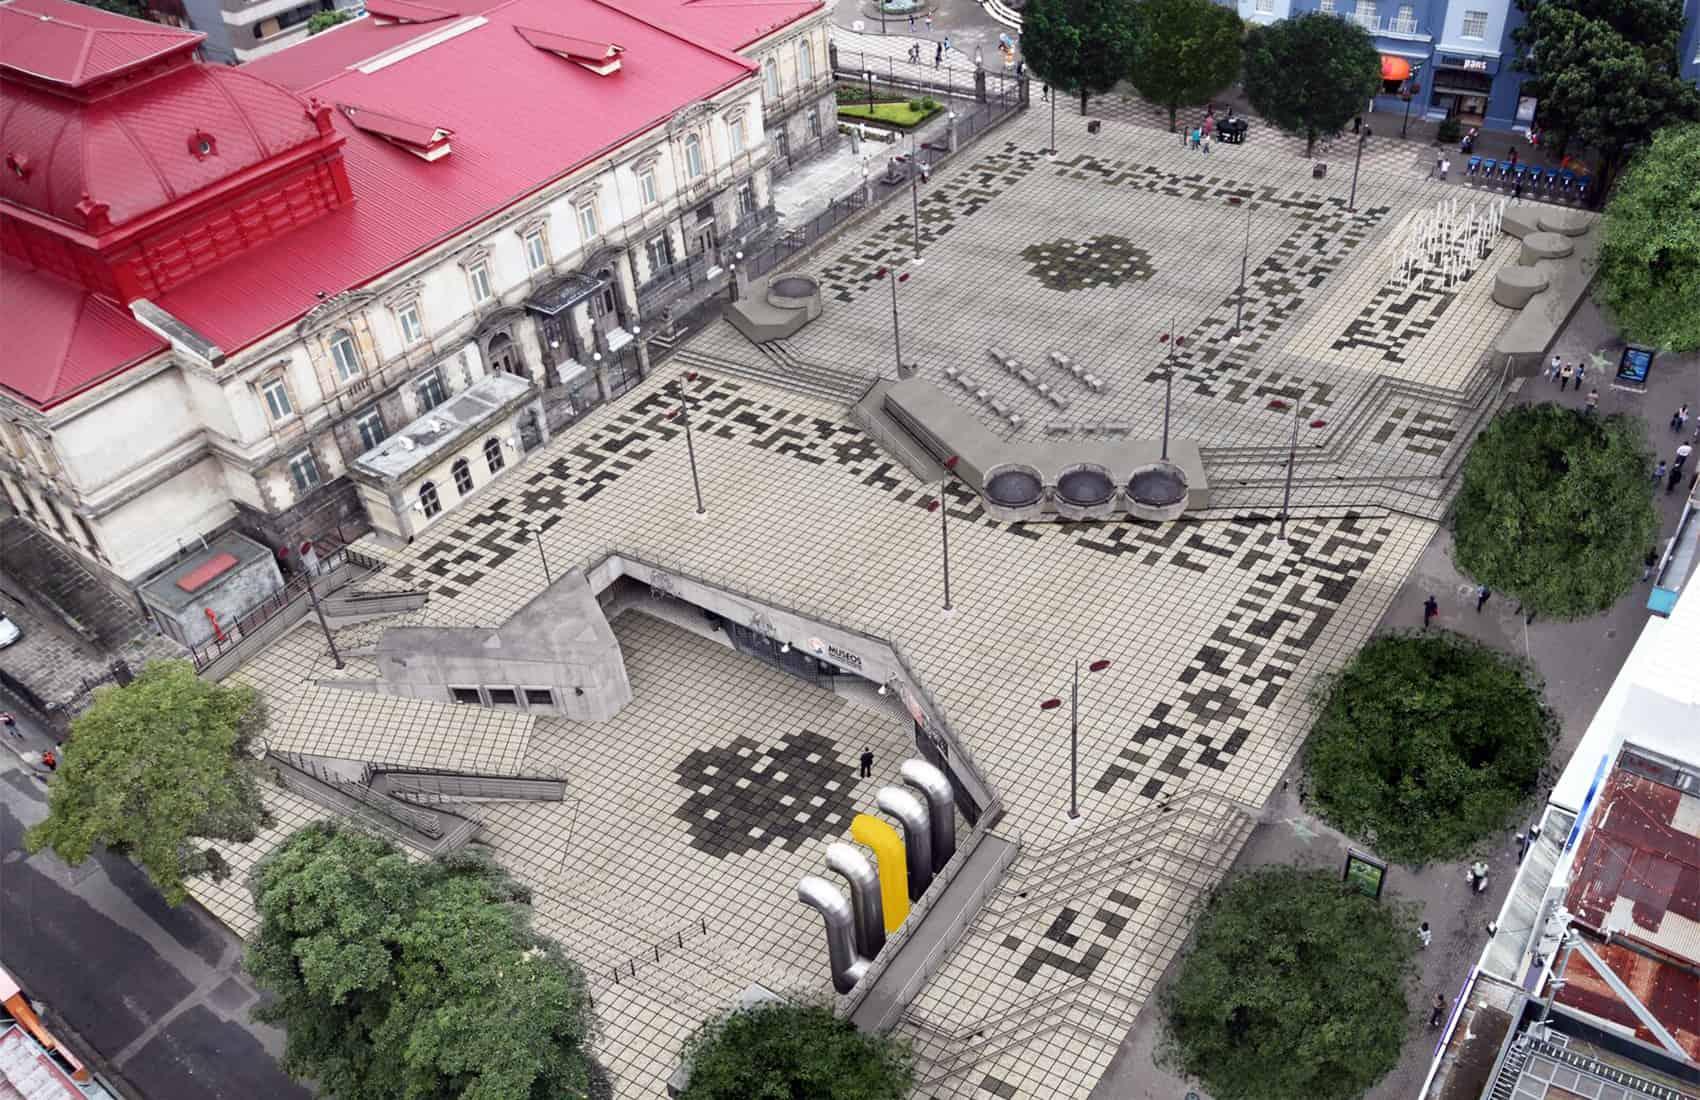 Plaza de la Cultura renovation, plan render. April, 2016.